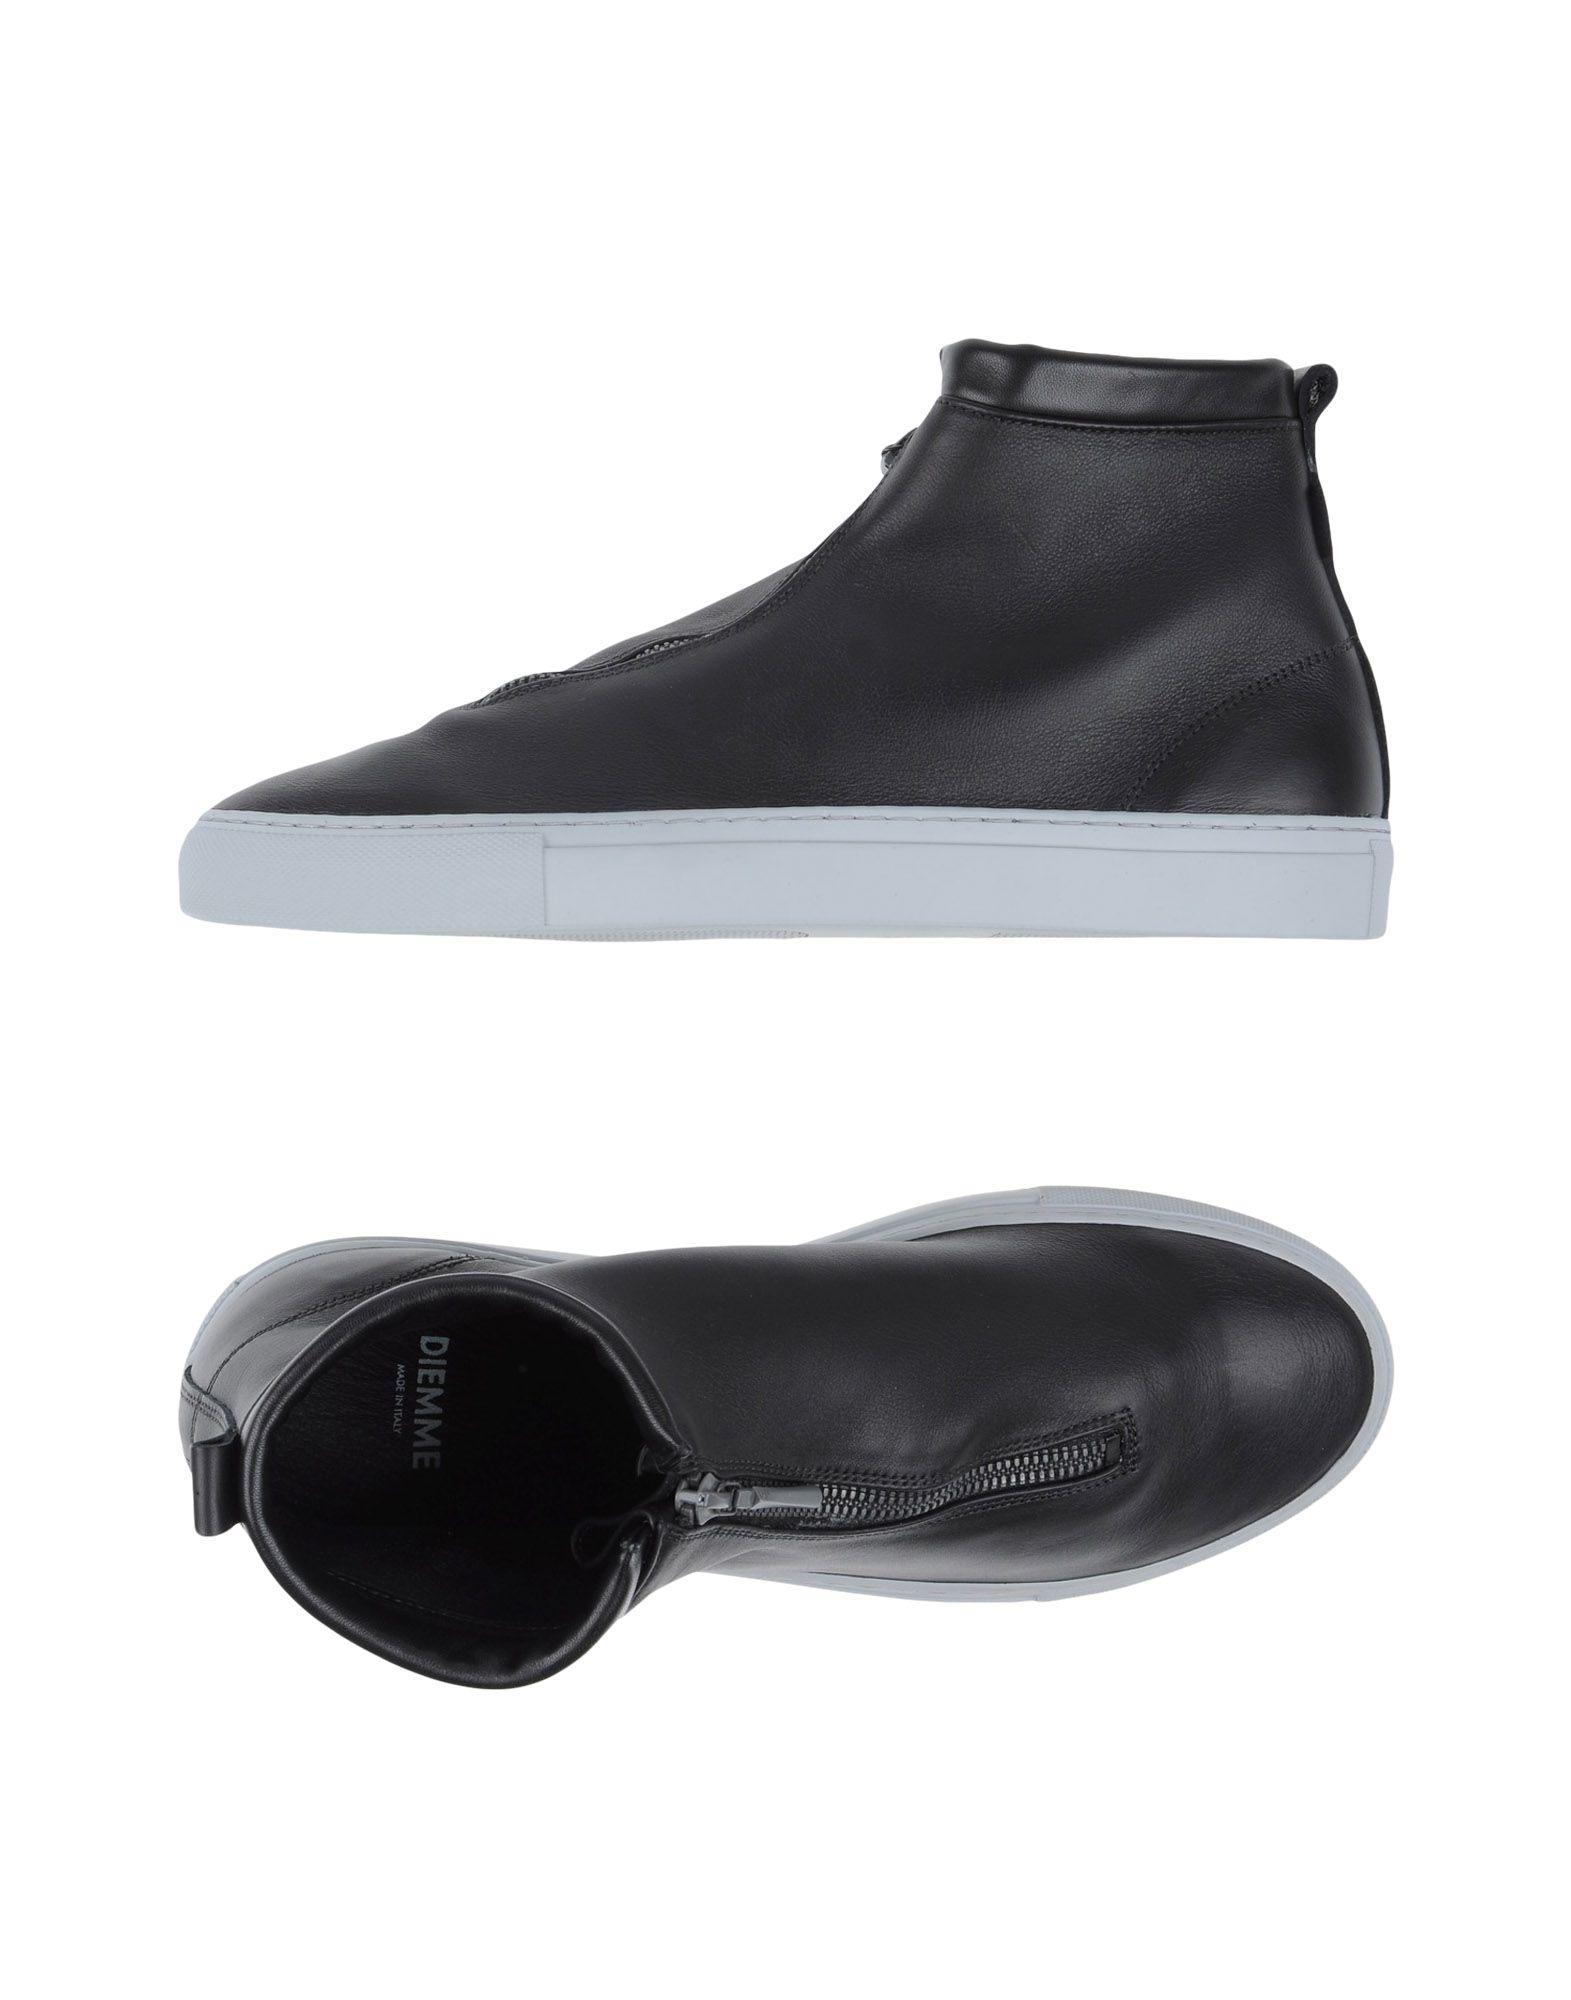 Diemme Sneakers Herren  11247591NR Schuhe Gute Qualität beliebte Schuhe 11247591NR bb9e4a